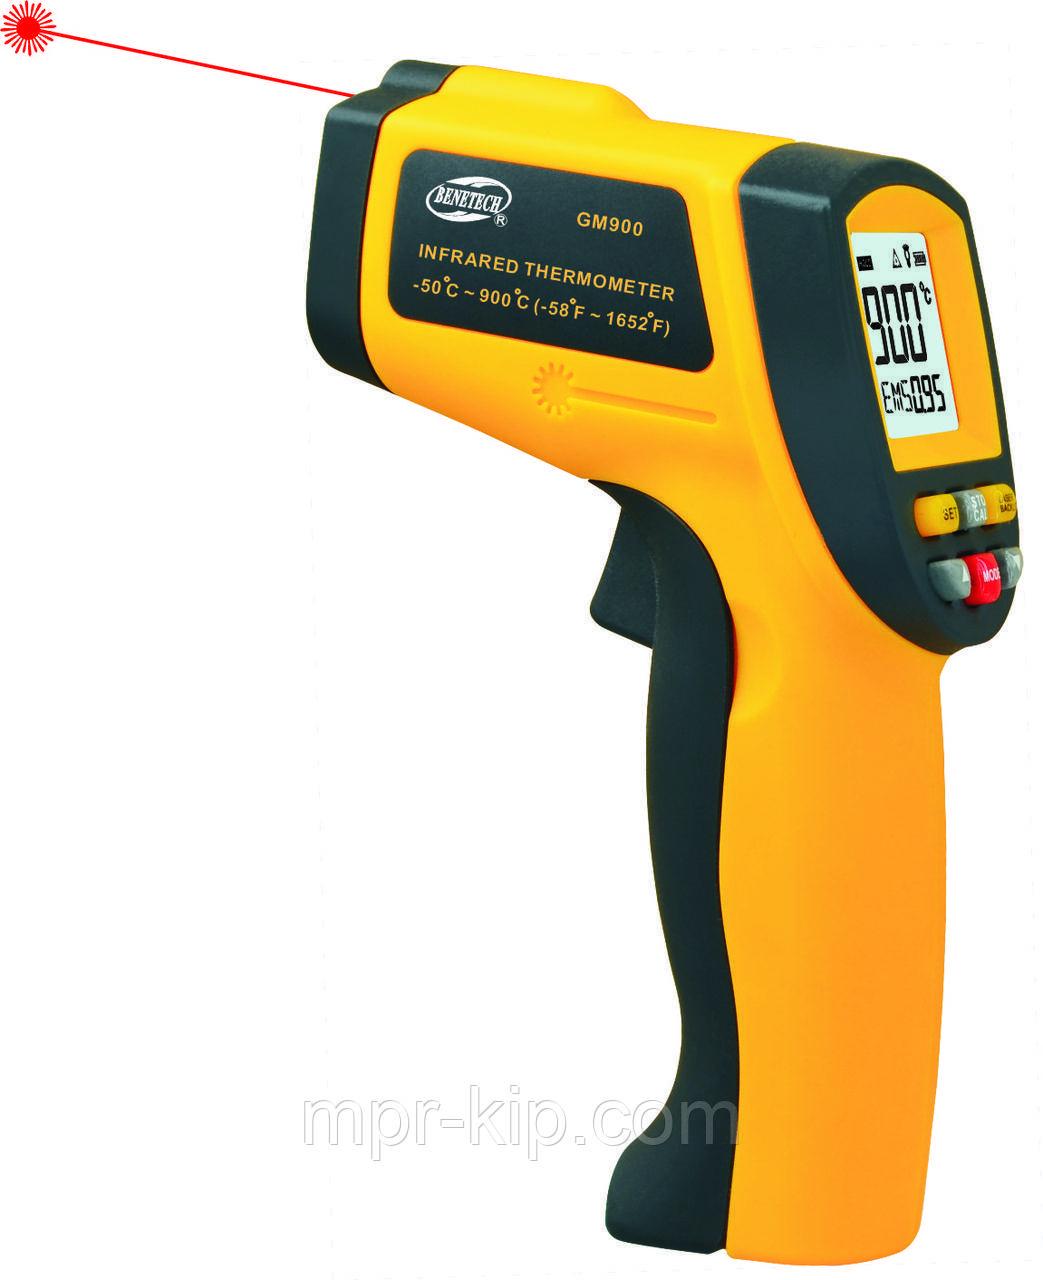 Инструкция Benetech GM900, GM700 - пирометр (инфракрасный бесконтактный термометр)